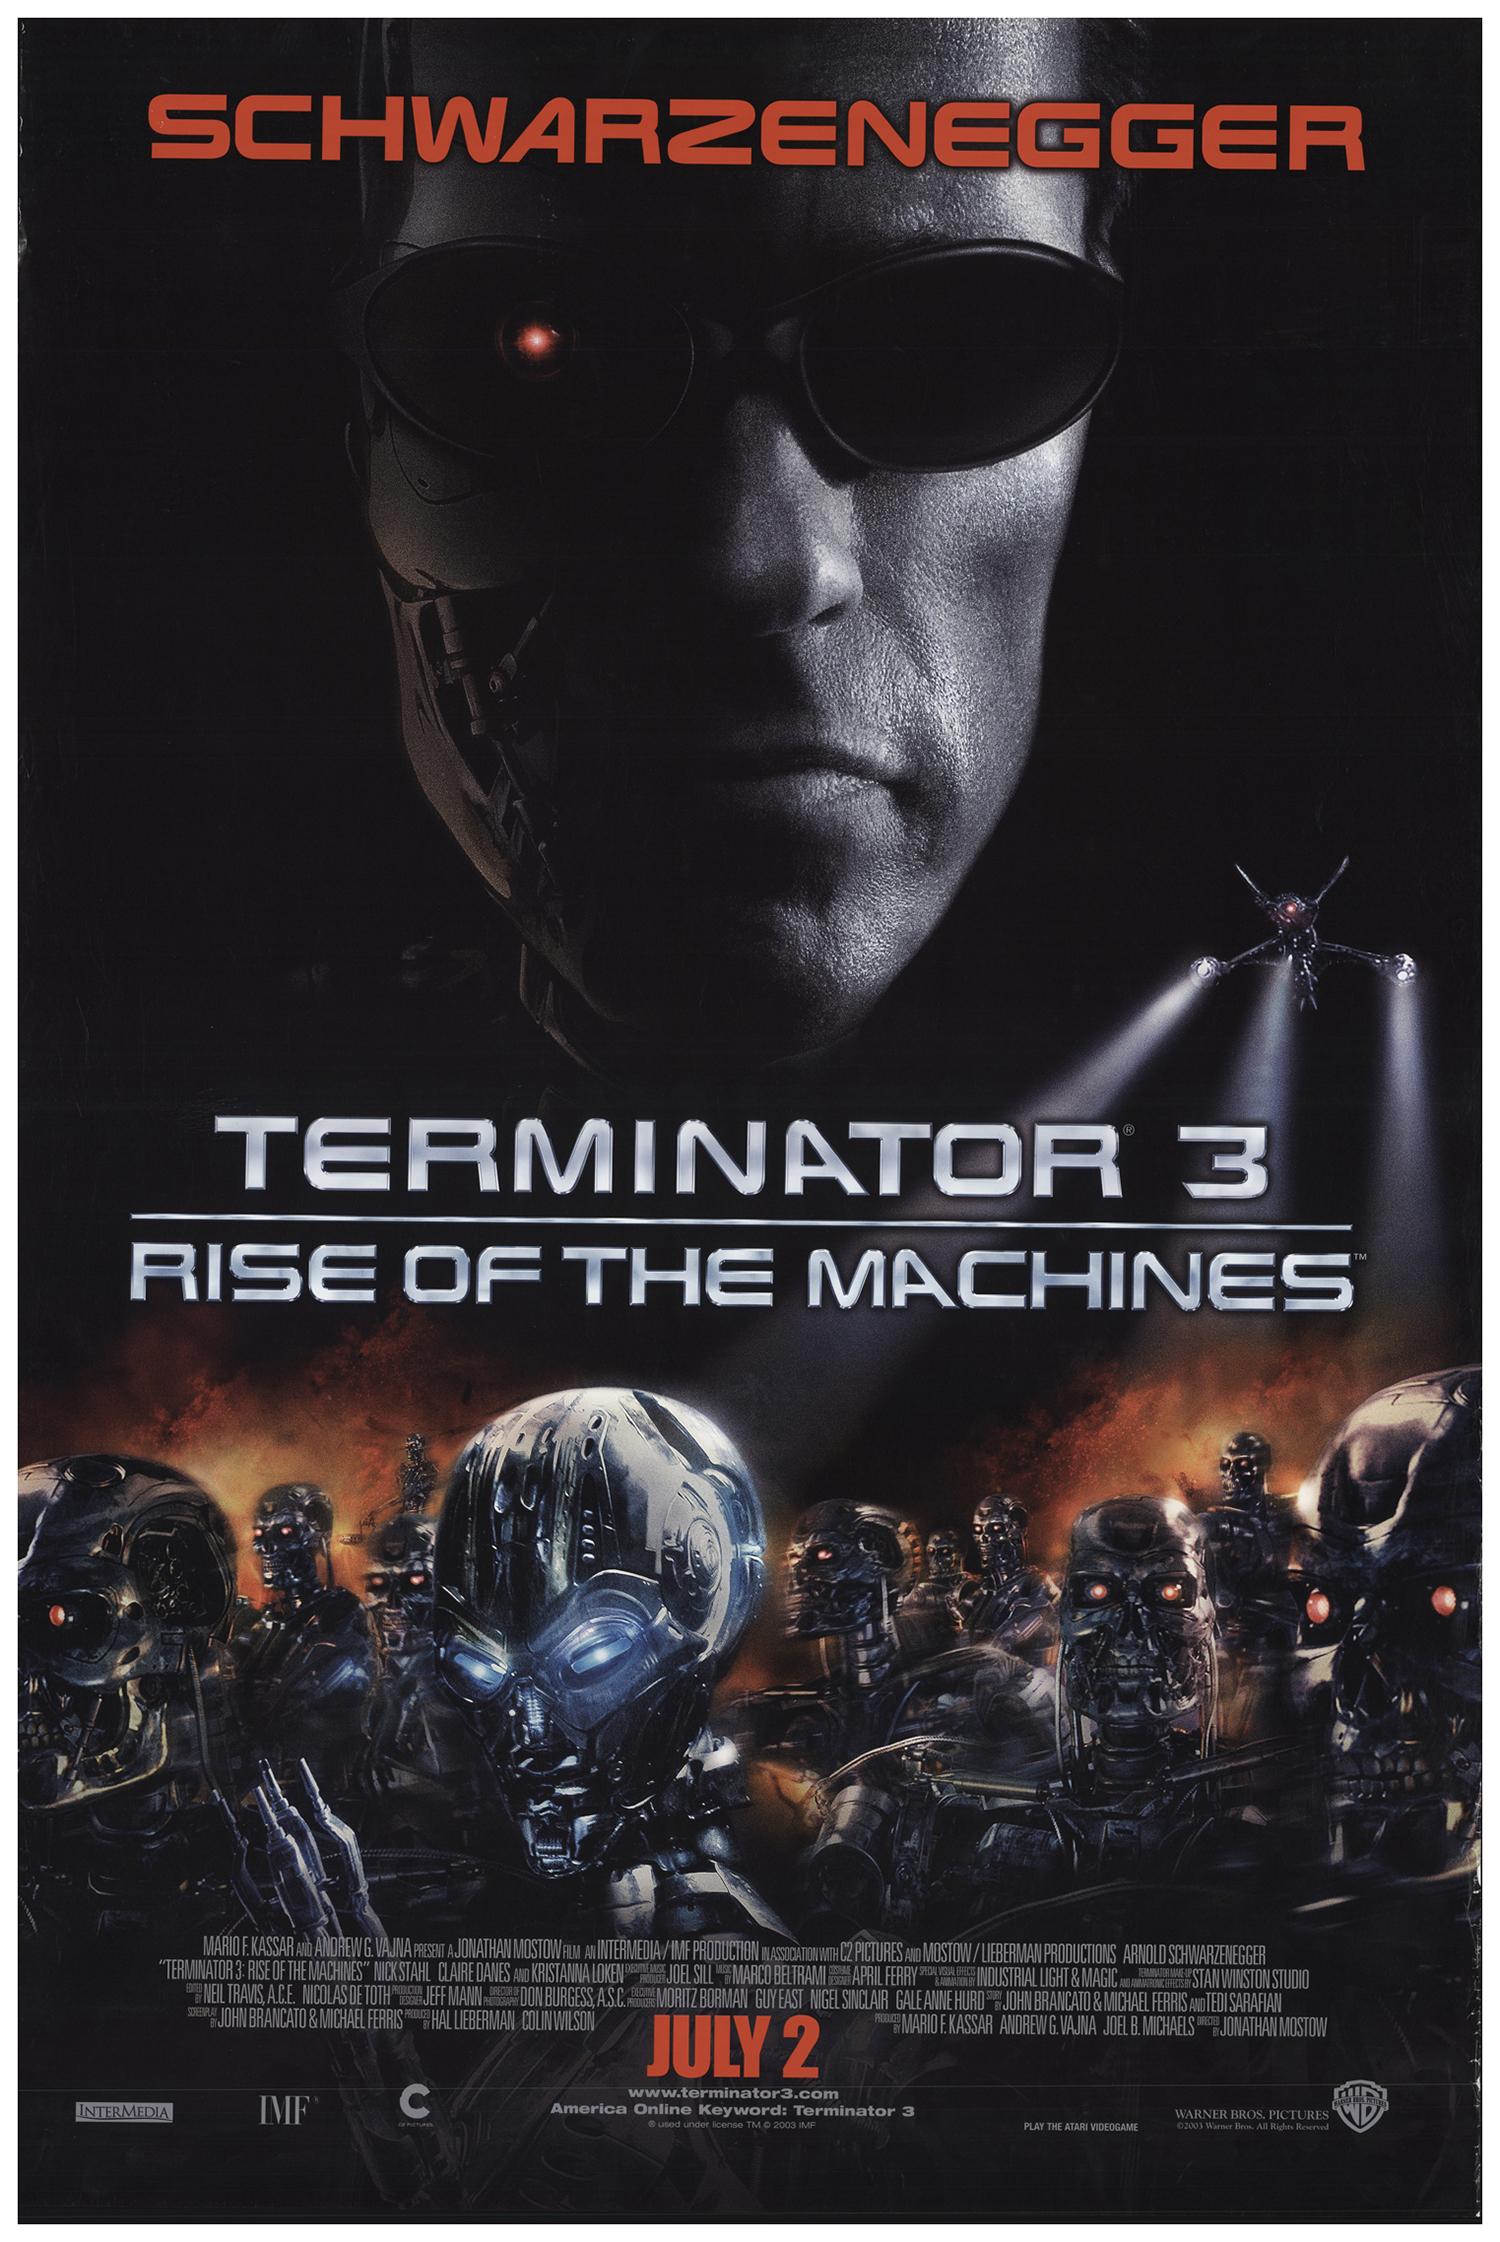 Terminator 3: Rise of the Machines 2003 27x40 Orig Movie ...